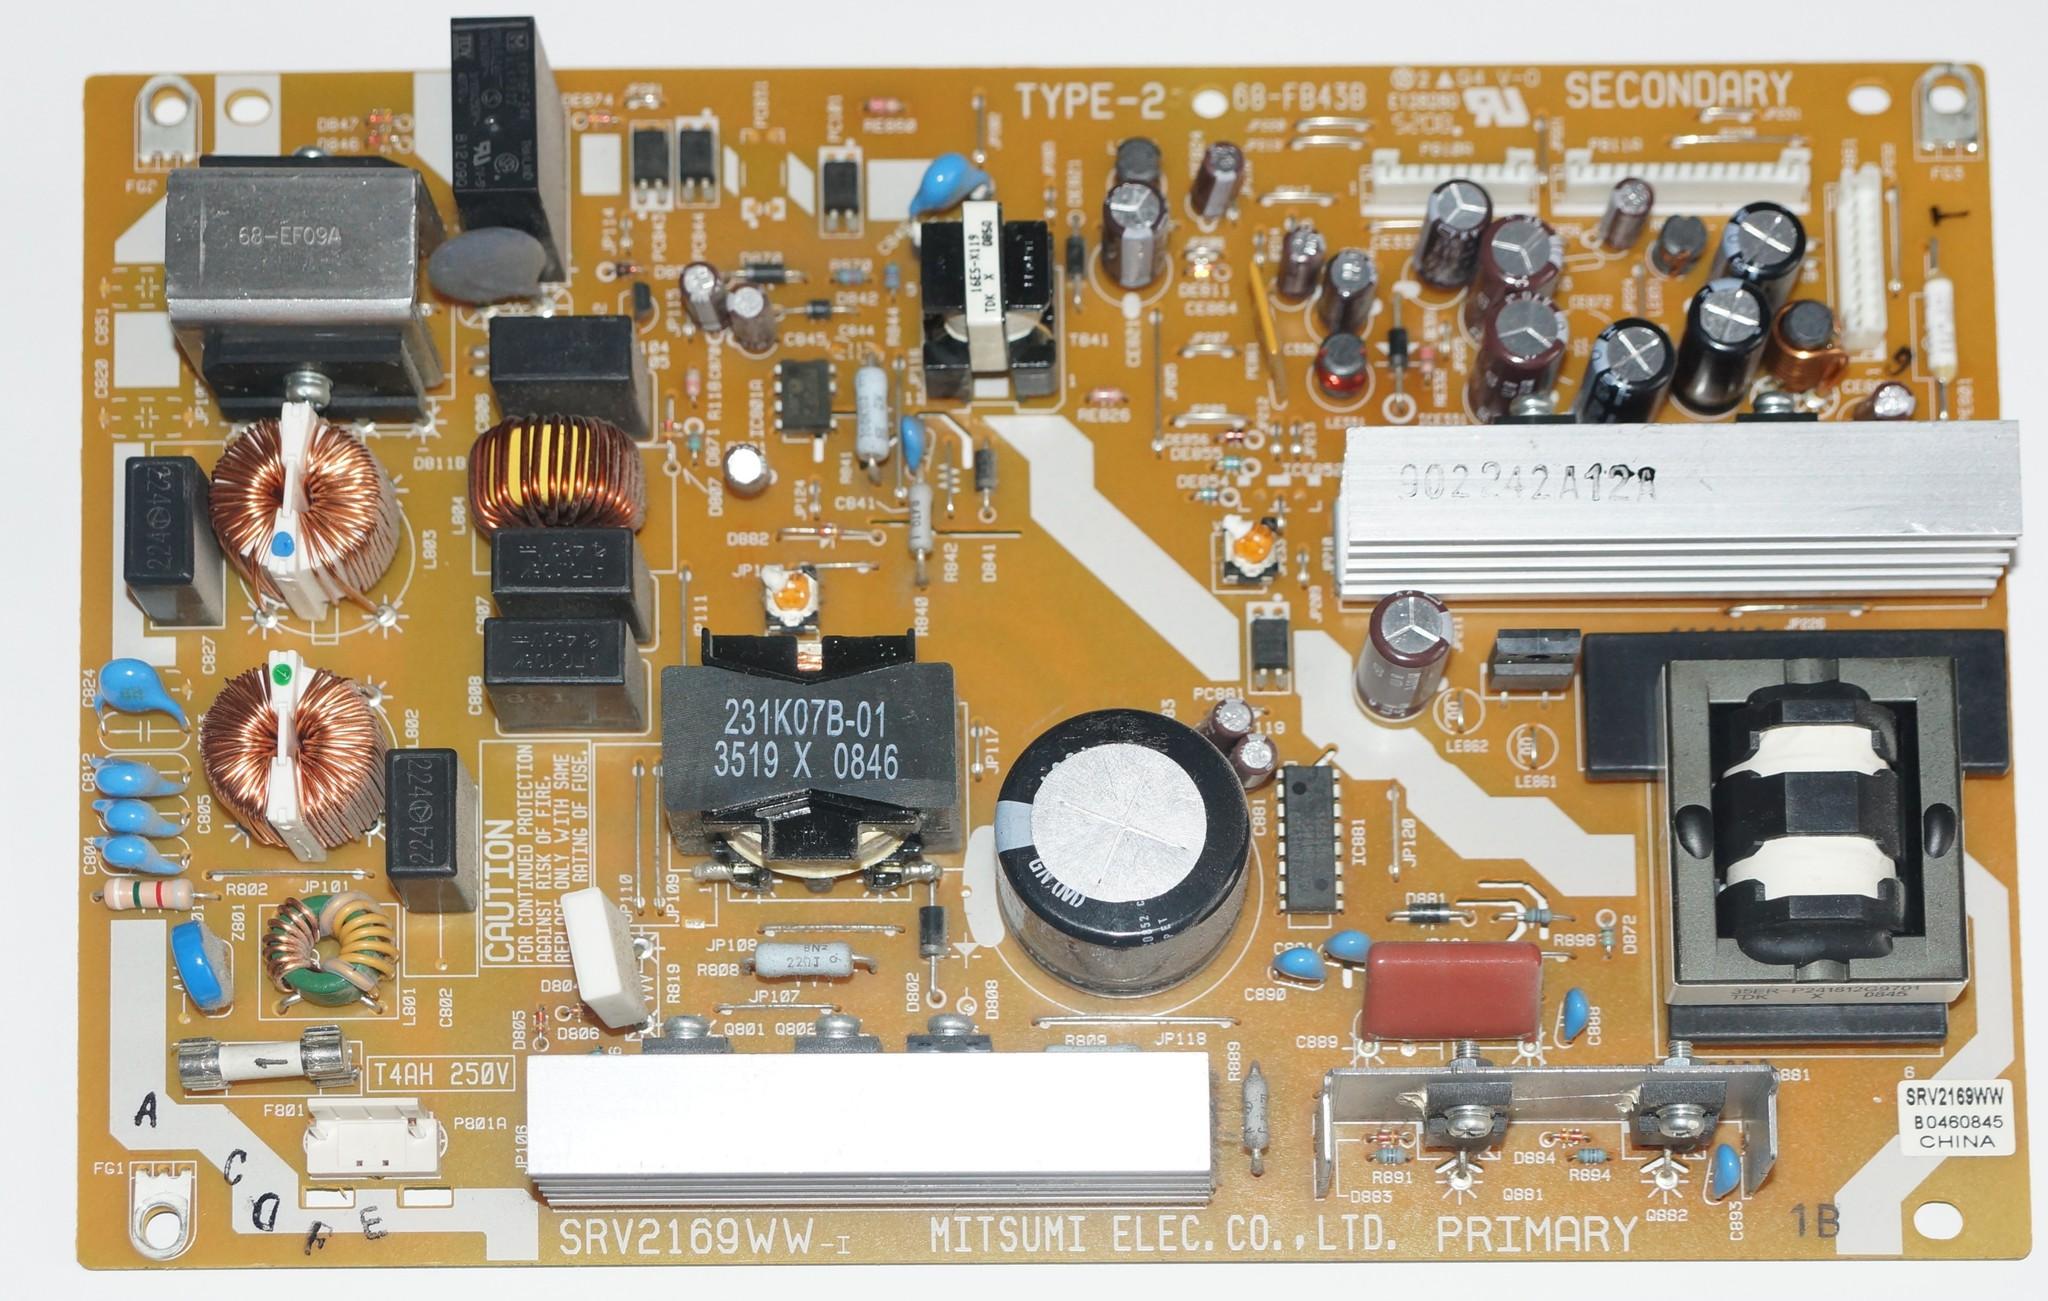 SRV2169WW 68-FB43B